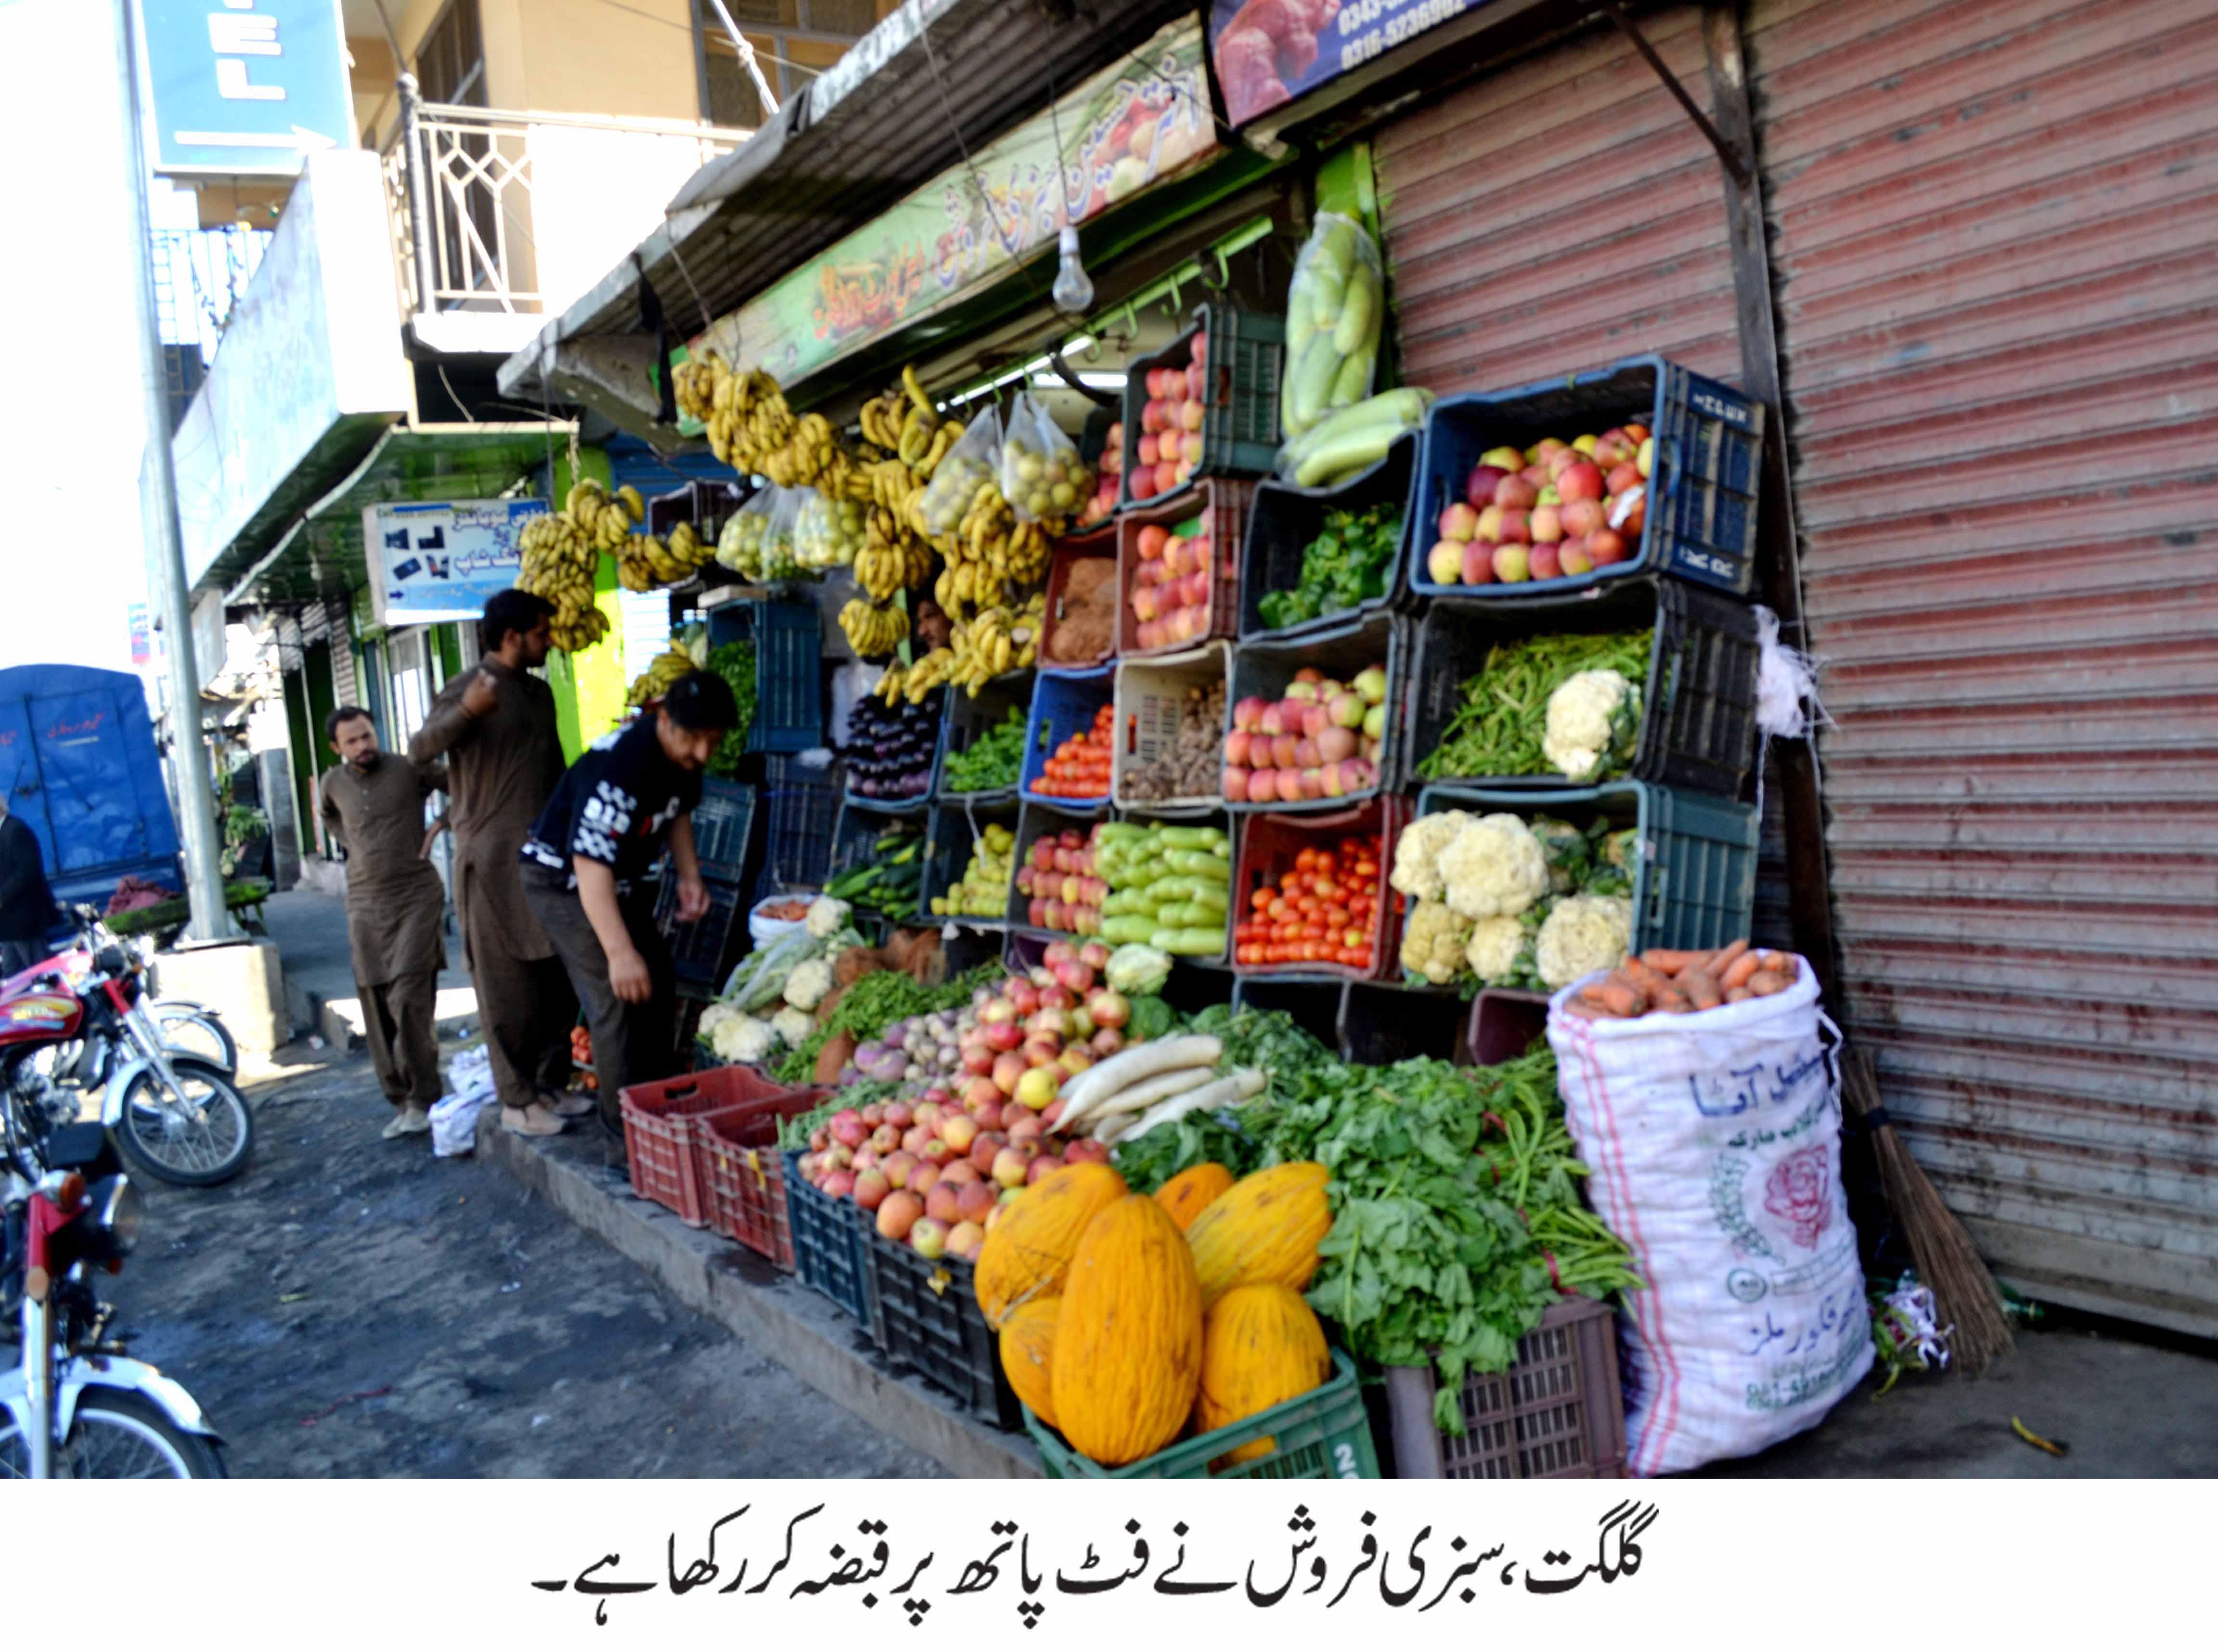 گلگت شہر کے فٹ پاتھوں پر دکانداروں کا قبضہ